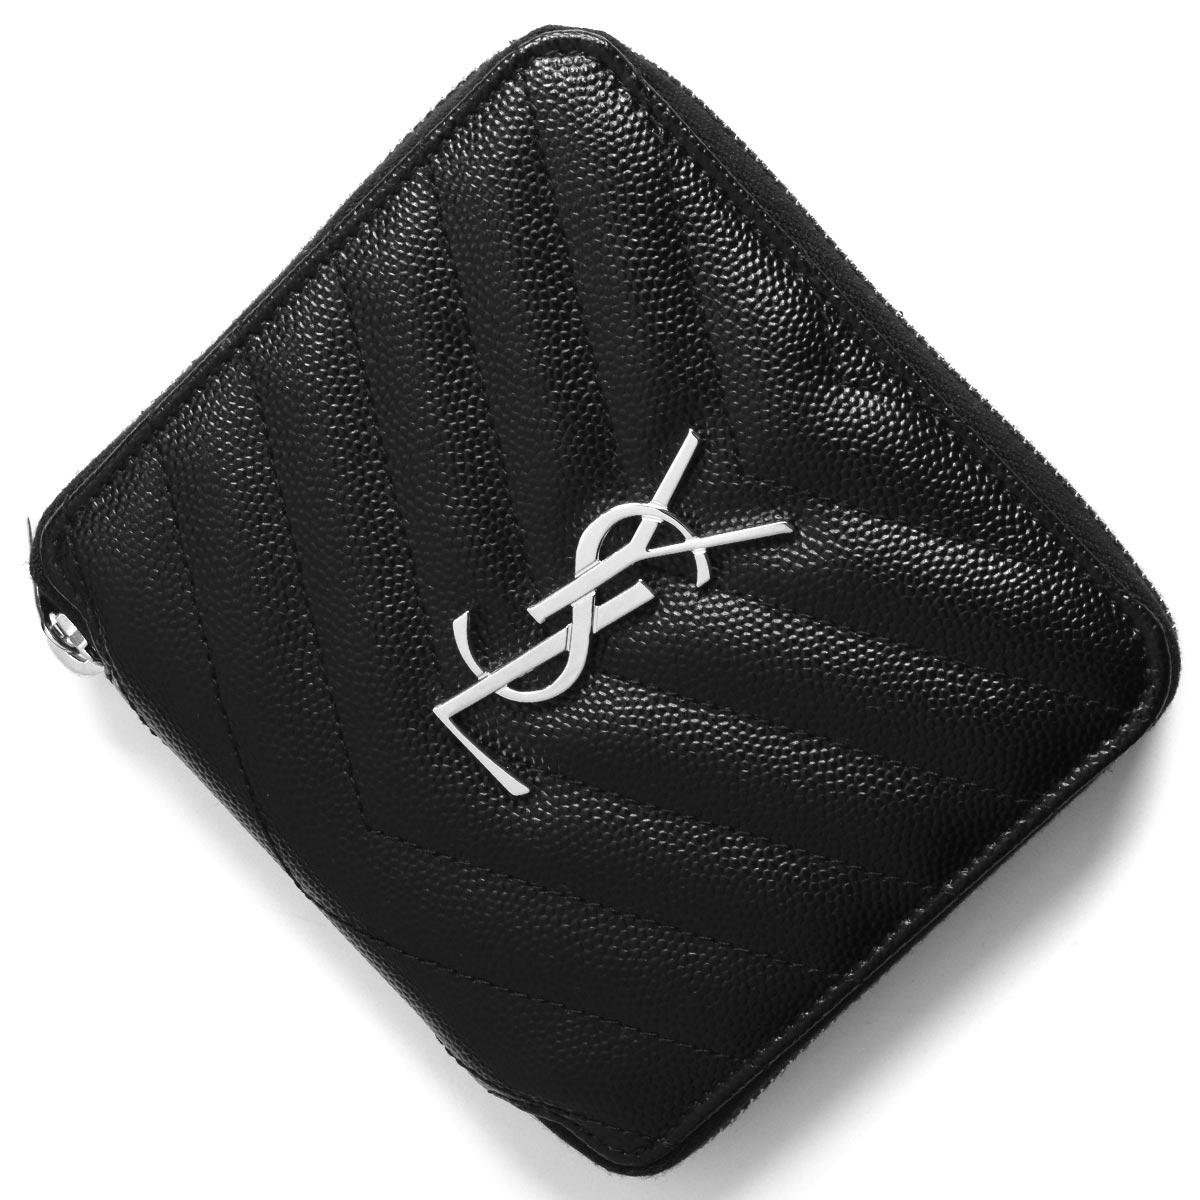 サンローランパリ イヴサンローラン 二つ折り財布 財布 レディース モノグラム YSL ブラック 582112 BOWA2 1000 SAINT LAURENT PARIS